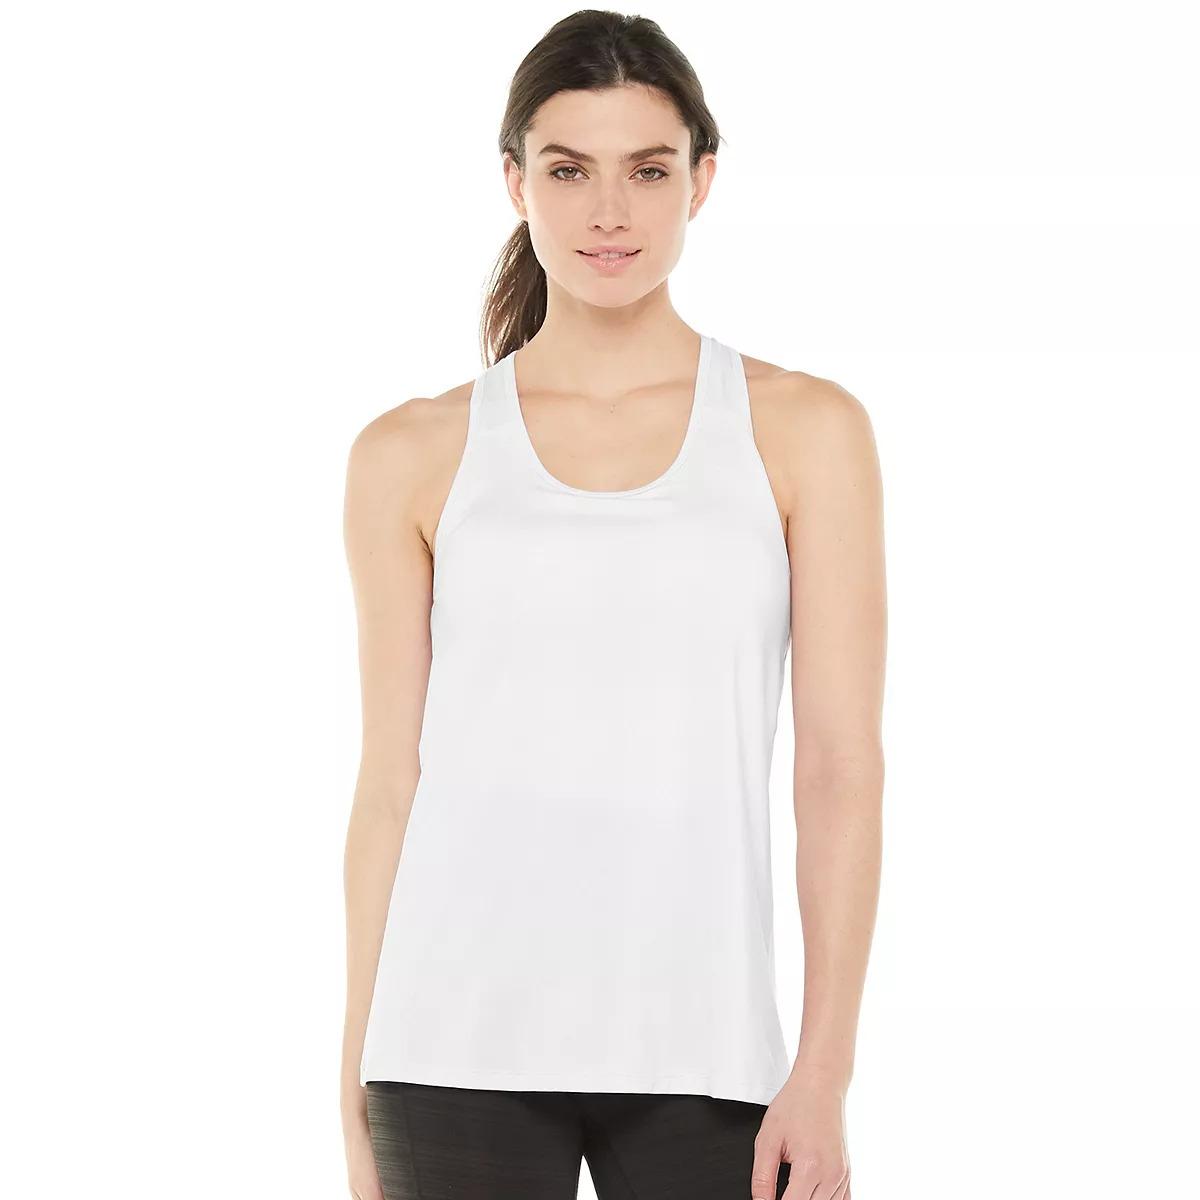 athelisure wear - Fila Sport Scoop-Back Shelf Bra Tank Top